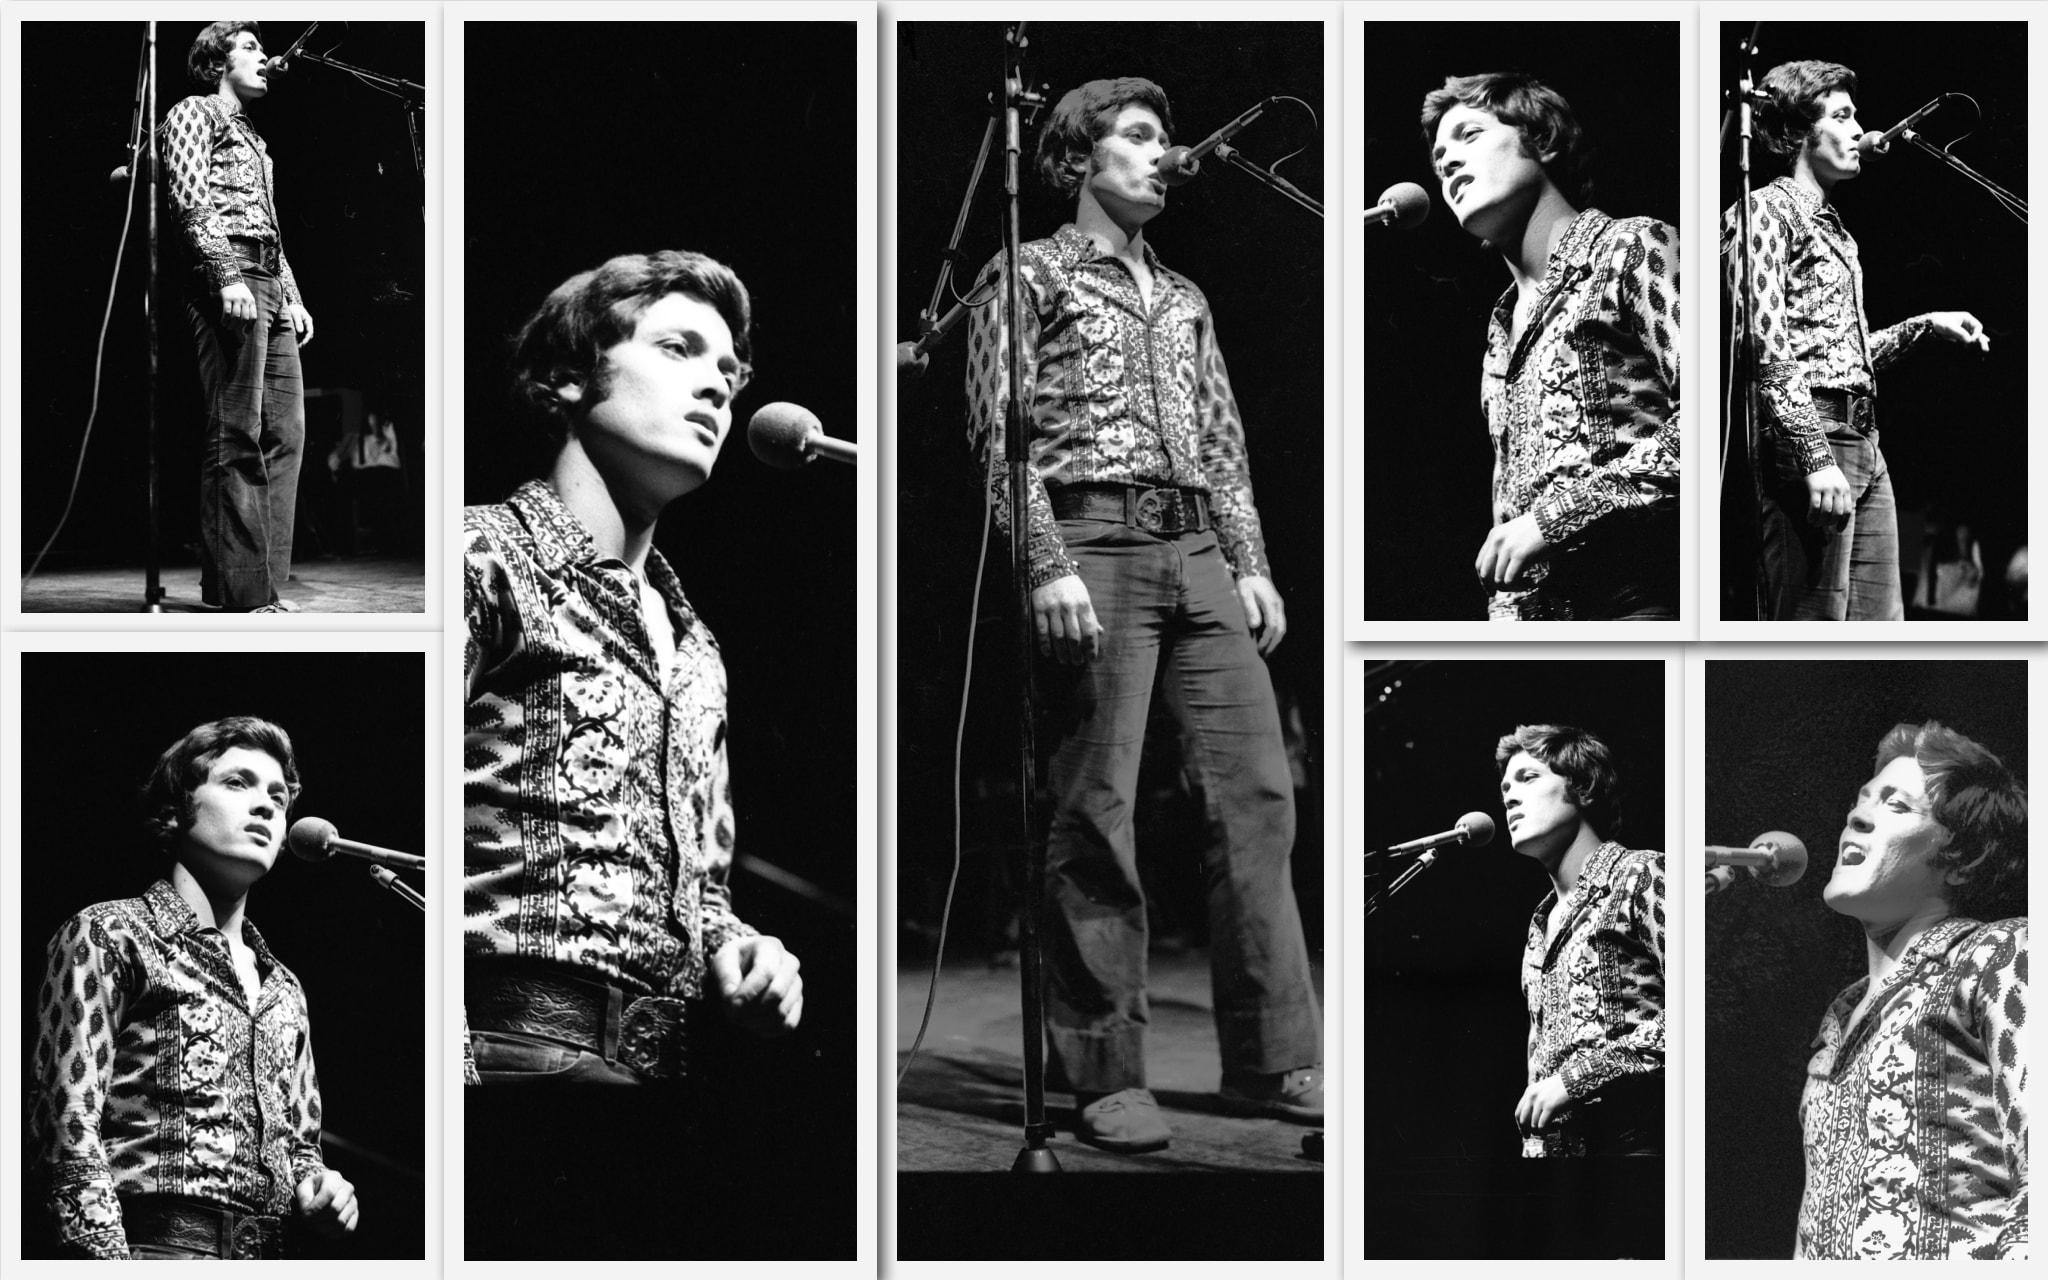 שלמה ארצי בערב שירי משוררים בבית החייל בתל אביב, 25 בינואר 1972 (צילום: אוסף דן הדני, הספרייה הלאומית)